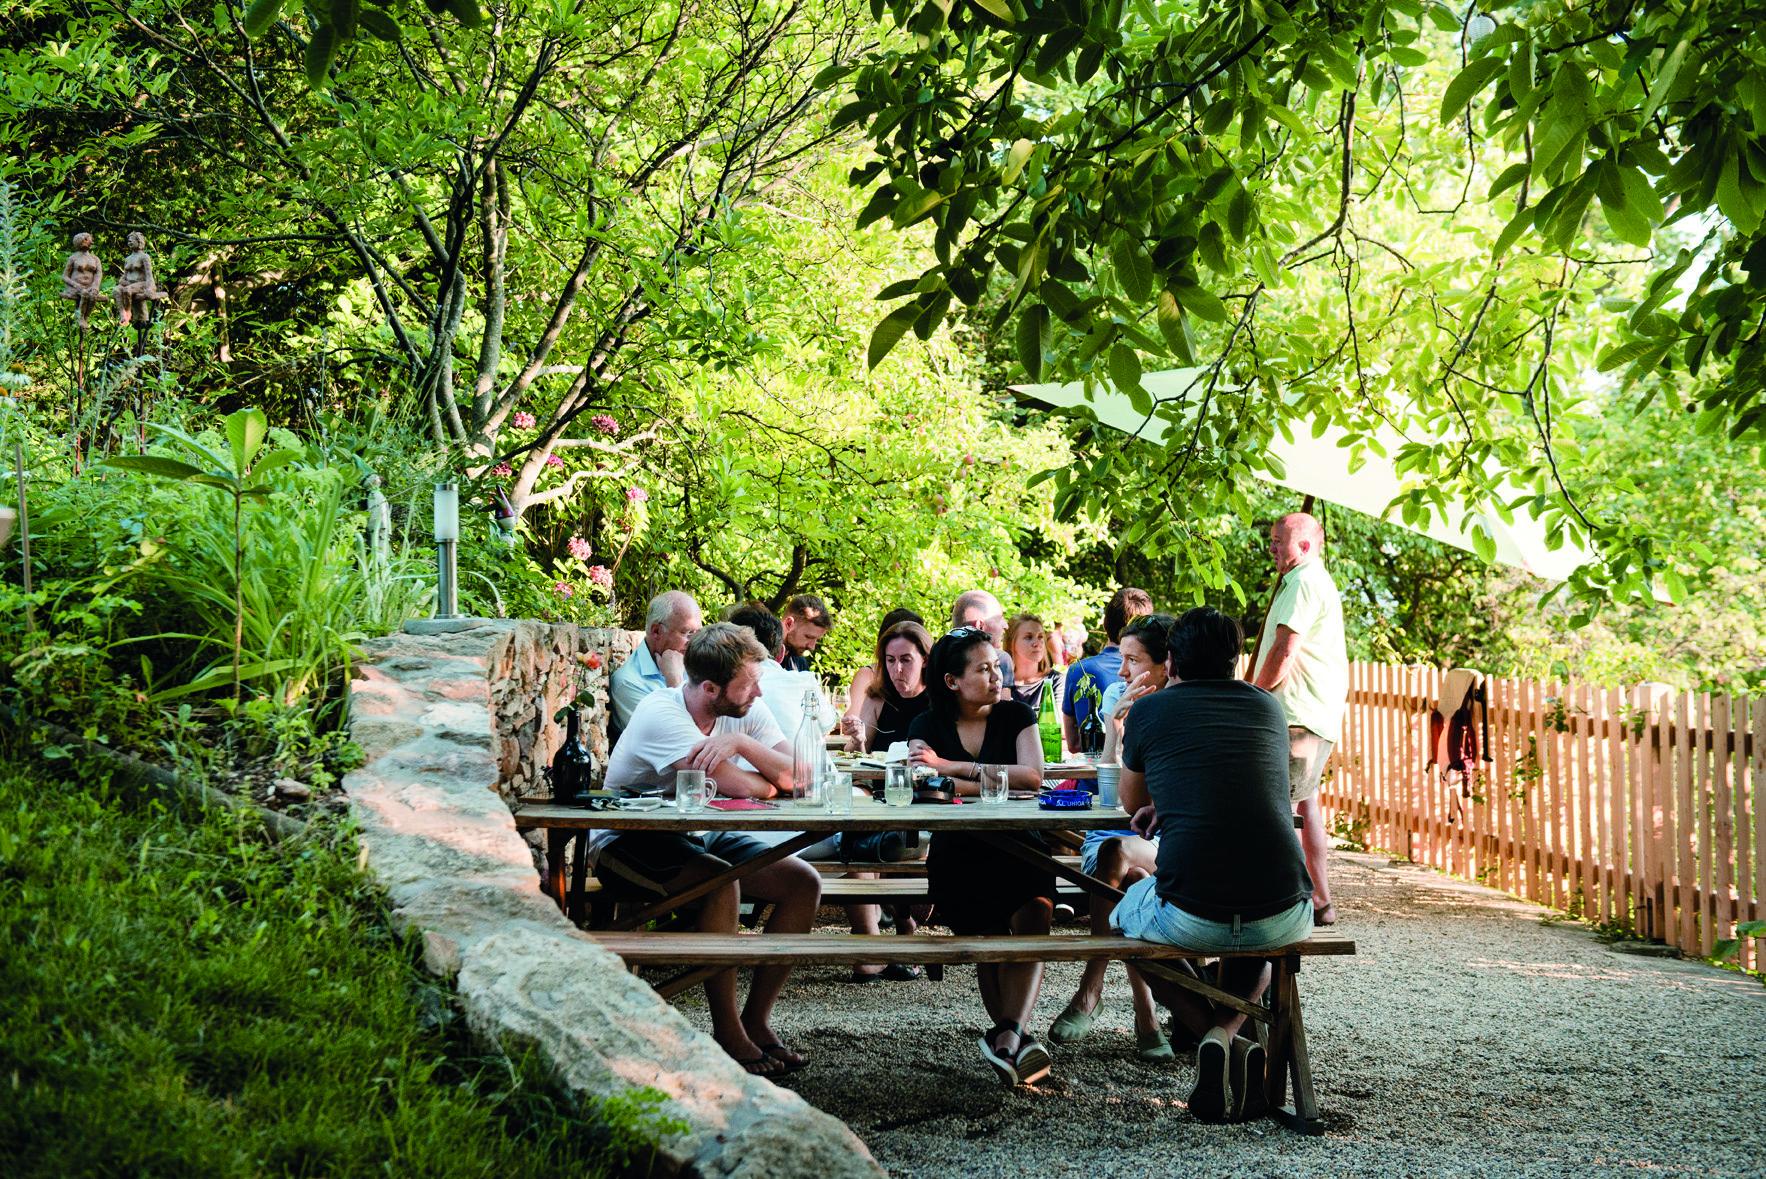 Der Garten der Buschenschank